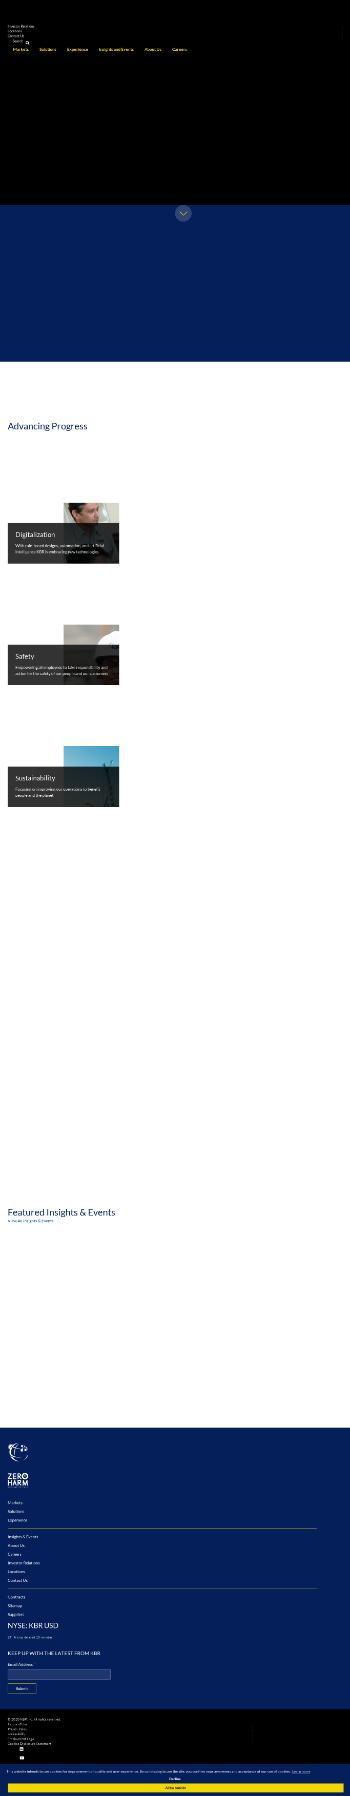 KBR, Inc. Website Screenshot